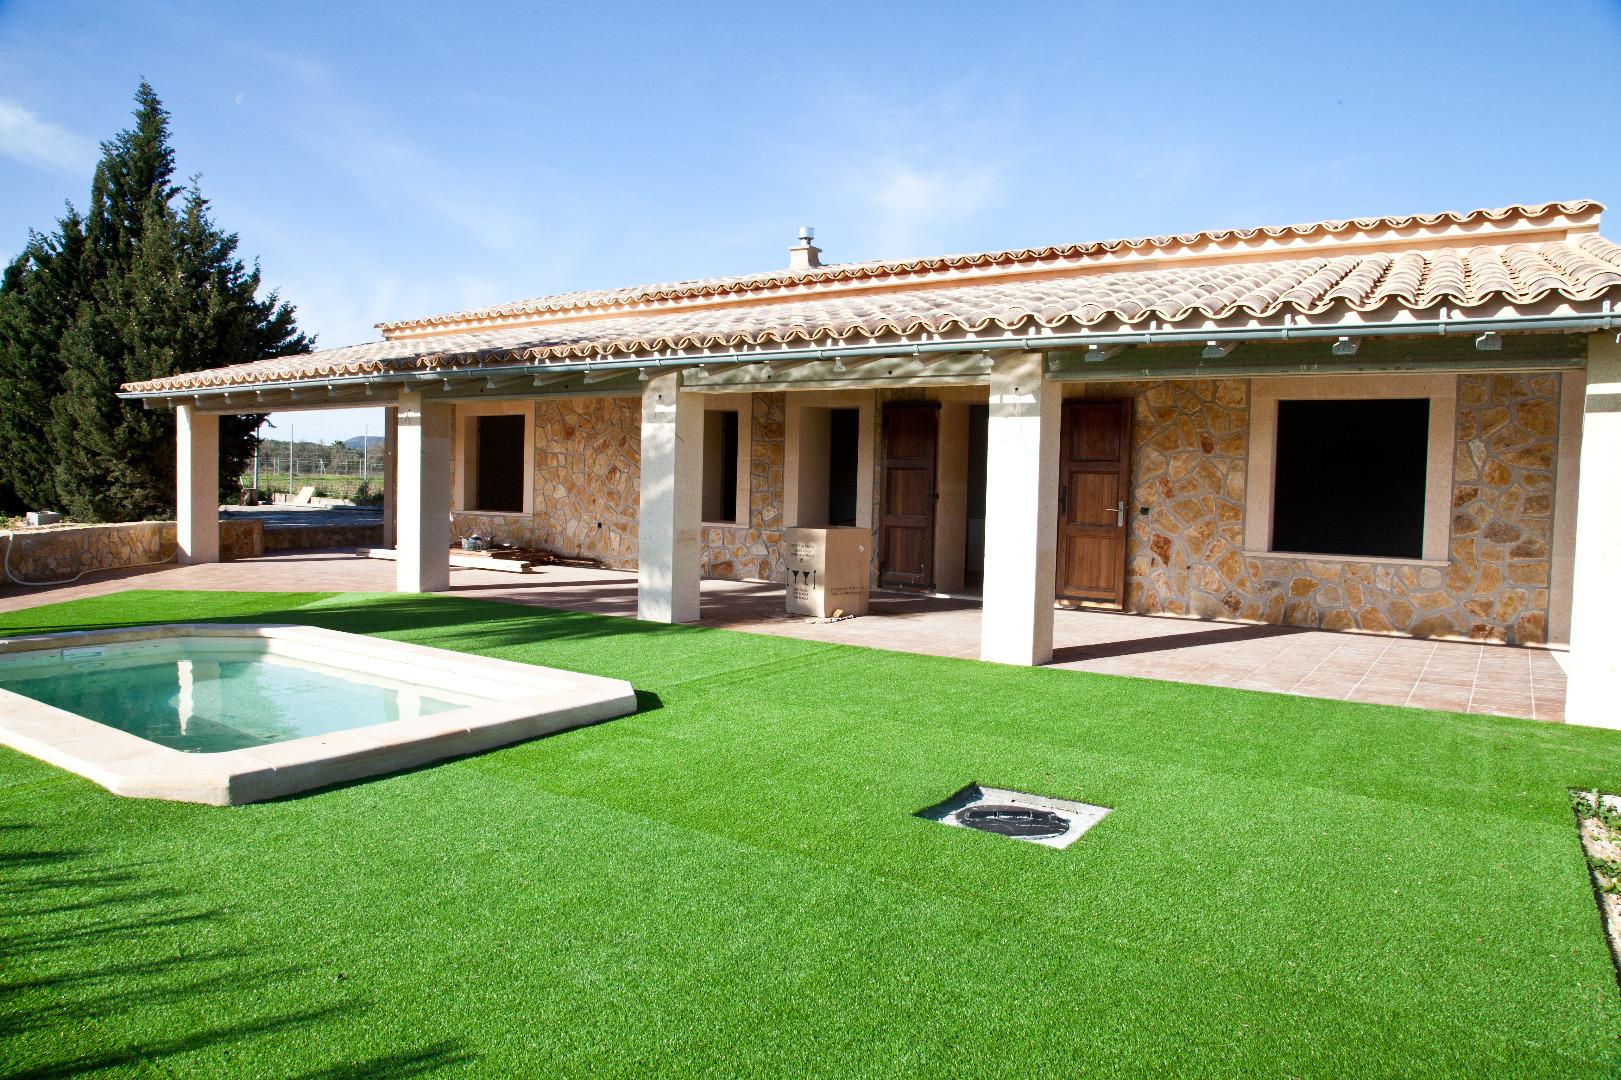 Miete Haus  Carrer del sol. Bonita y acogedora casa de campo a las afueras de petra